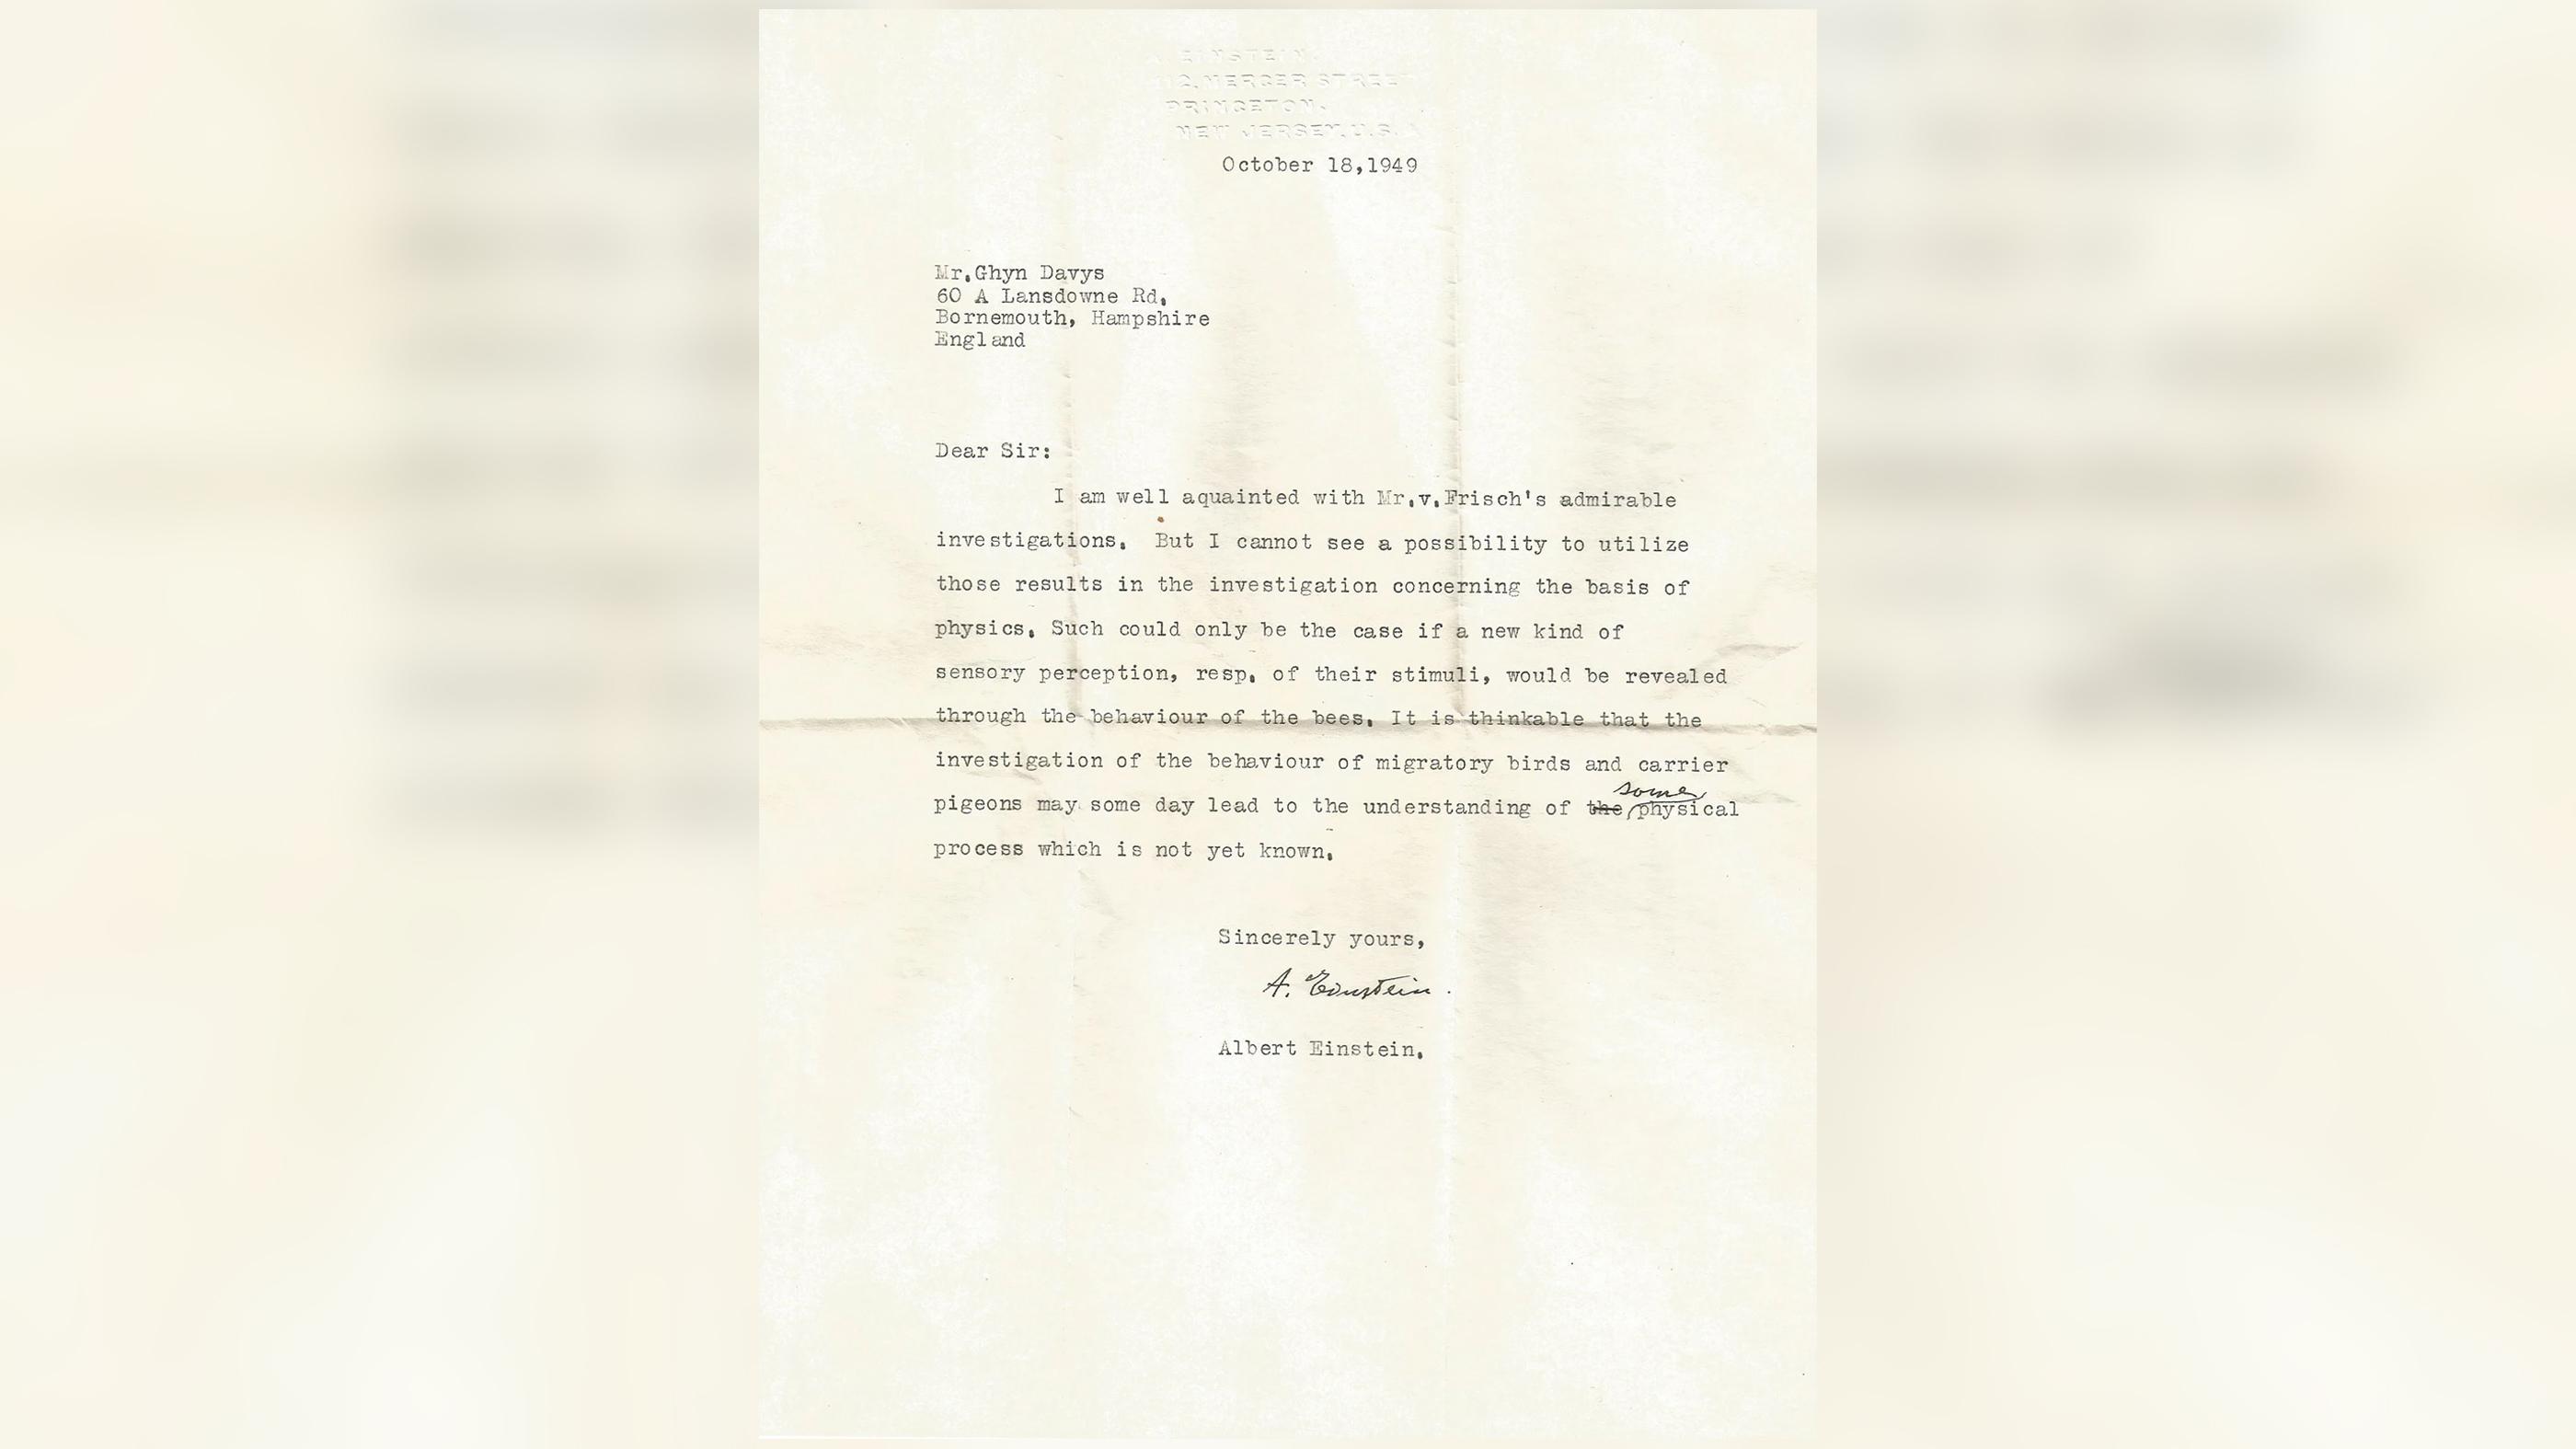 Lettre datée du 18 octobre 1949 par le professeur Albert Einstein de l'Université de Princeton (USA) à M. Glyn (écrite par M. Ghyn [sic]) Davys en Angleterre en référence aux travaux de von Frisch et à la perception sensorielle des animaux.